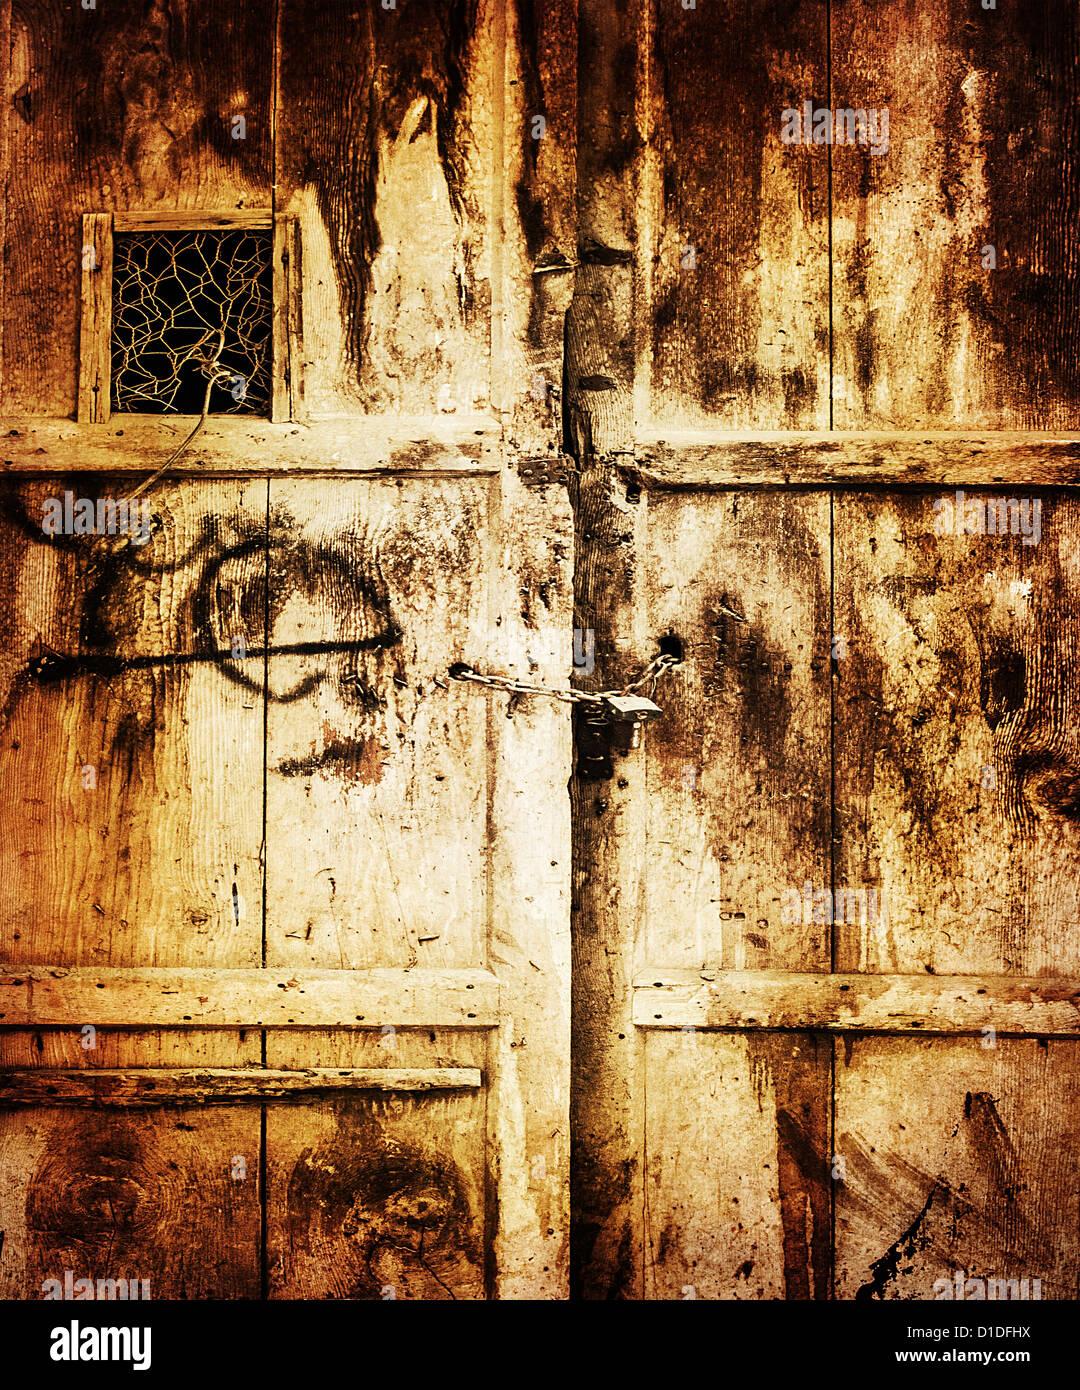 Immagine di un vecchio legno porta sporca sfondo, stile retrò foto, grungy ingresso in aula, porta bloccata, Immagini Stock